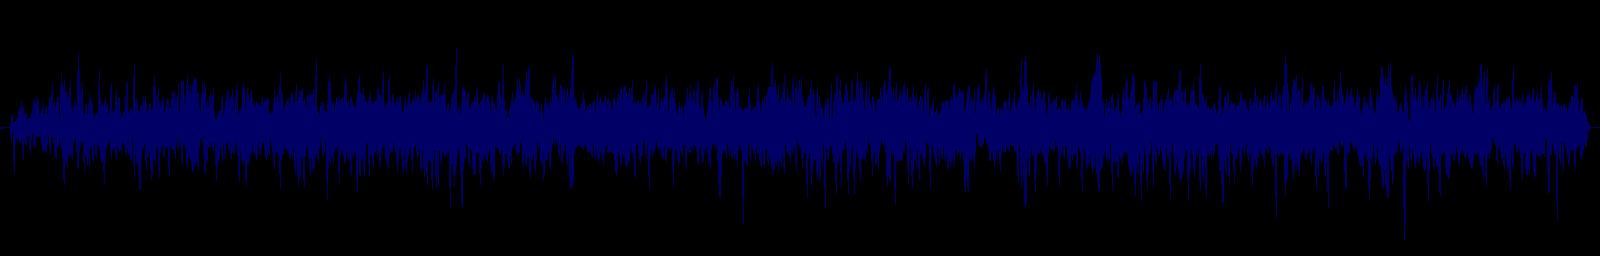 waveform of track #131818